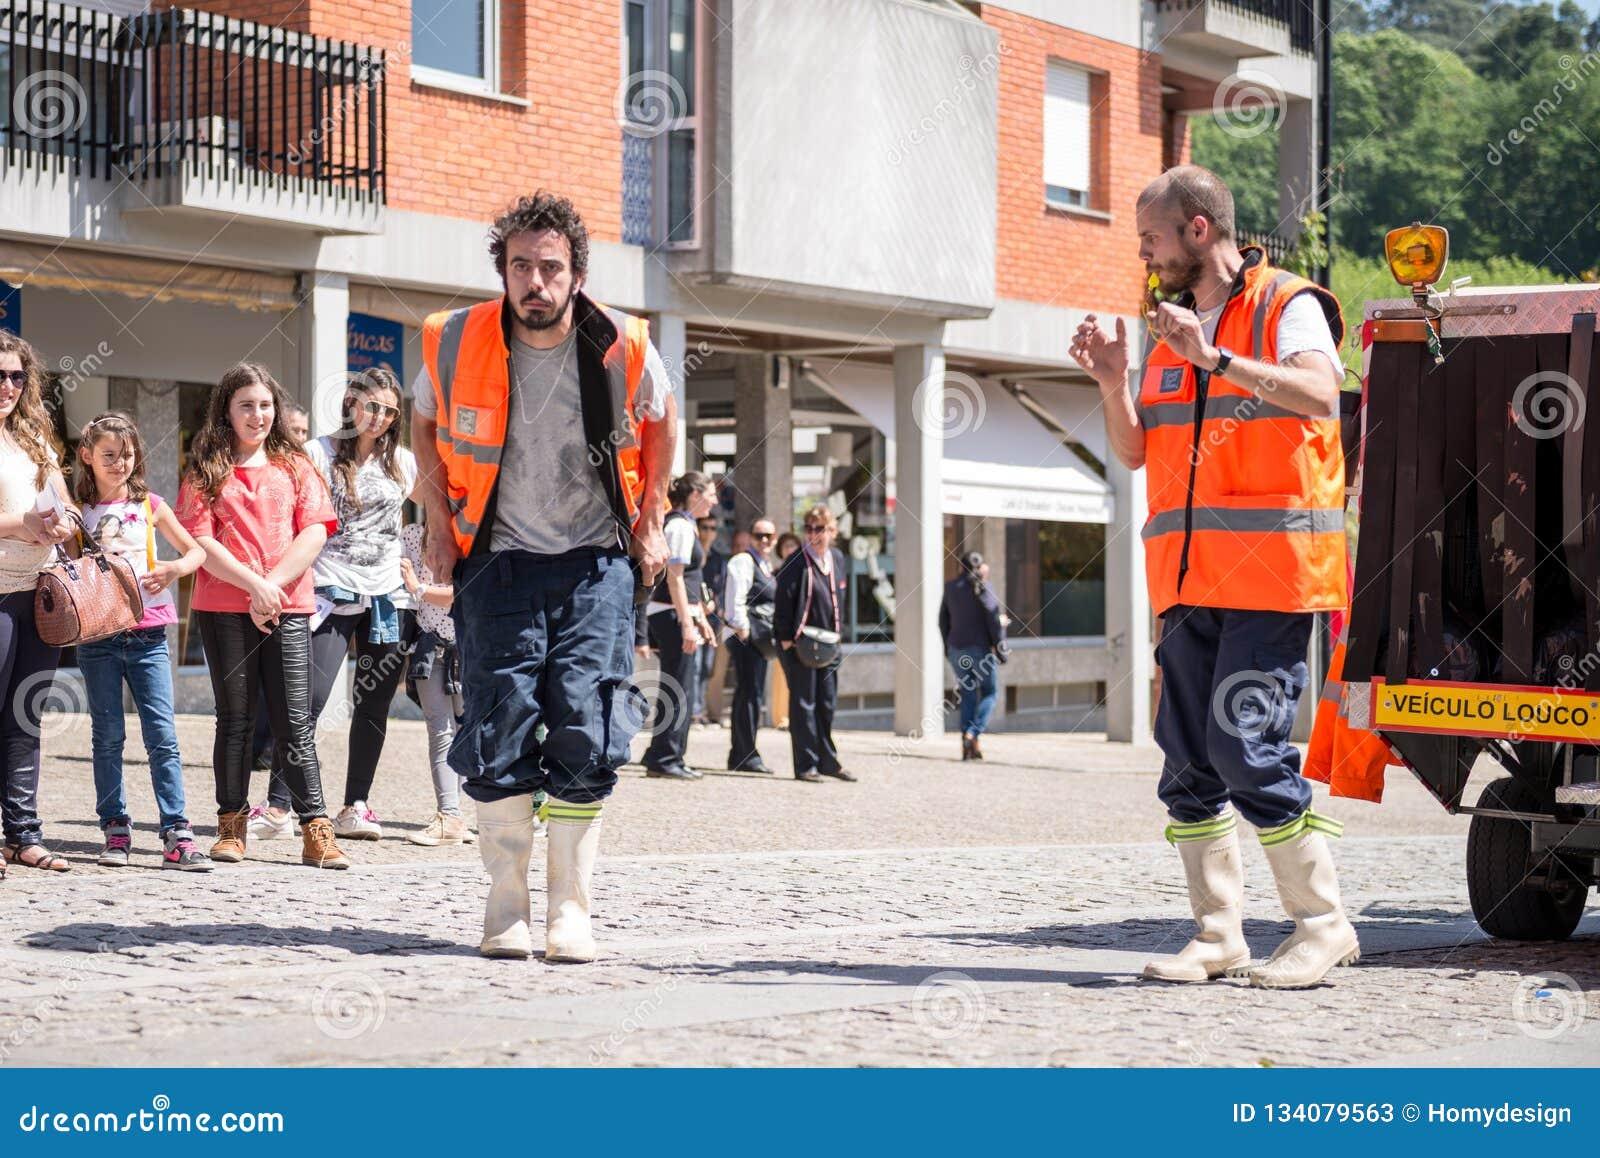 Los palmos de EstupideZ de Varios se realizaron por Projeto EZ de Portugal